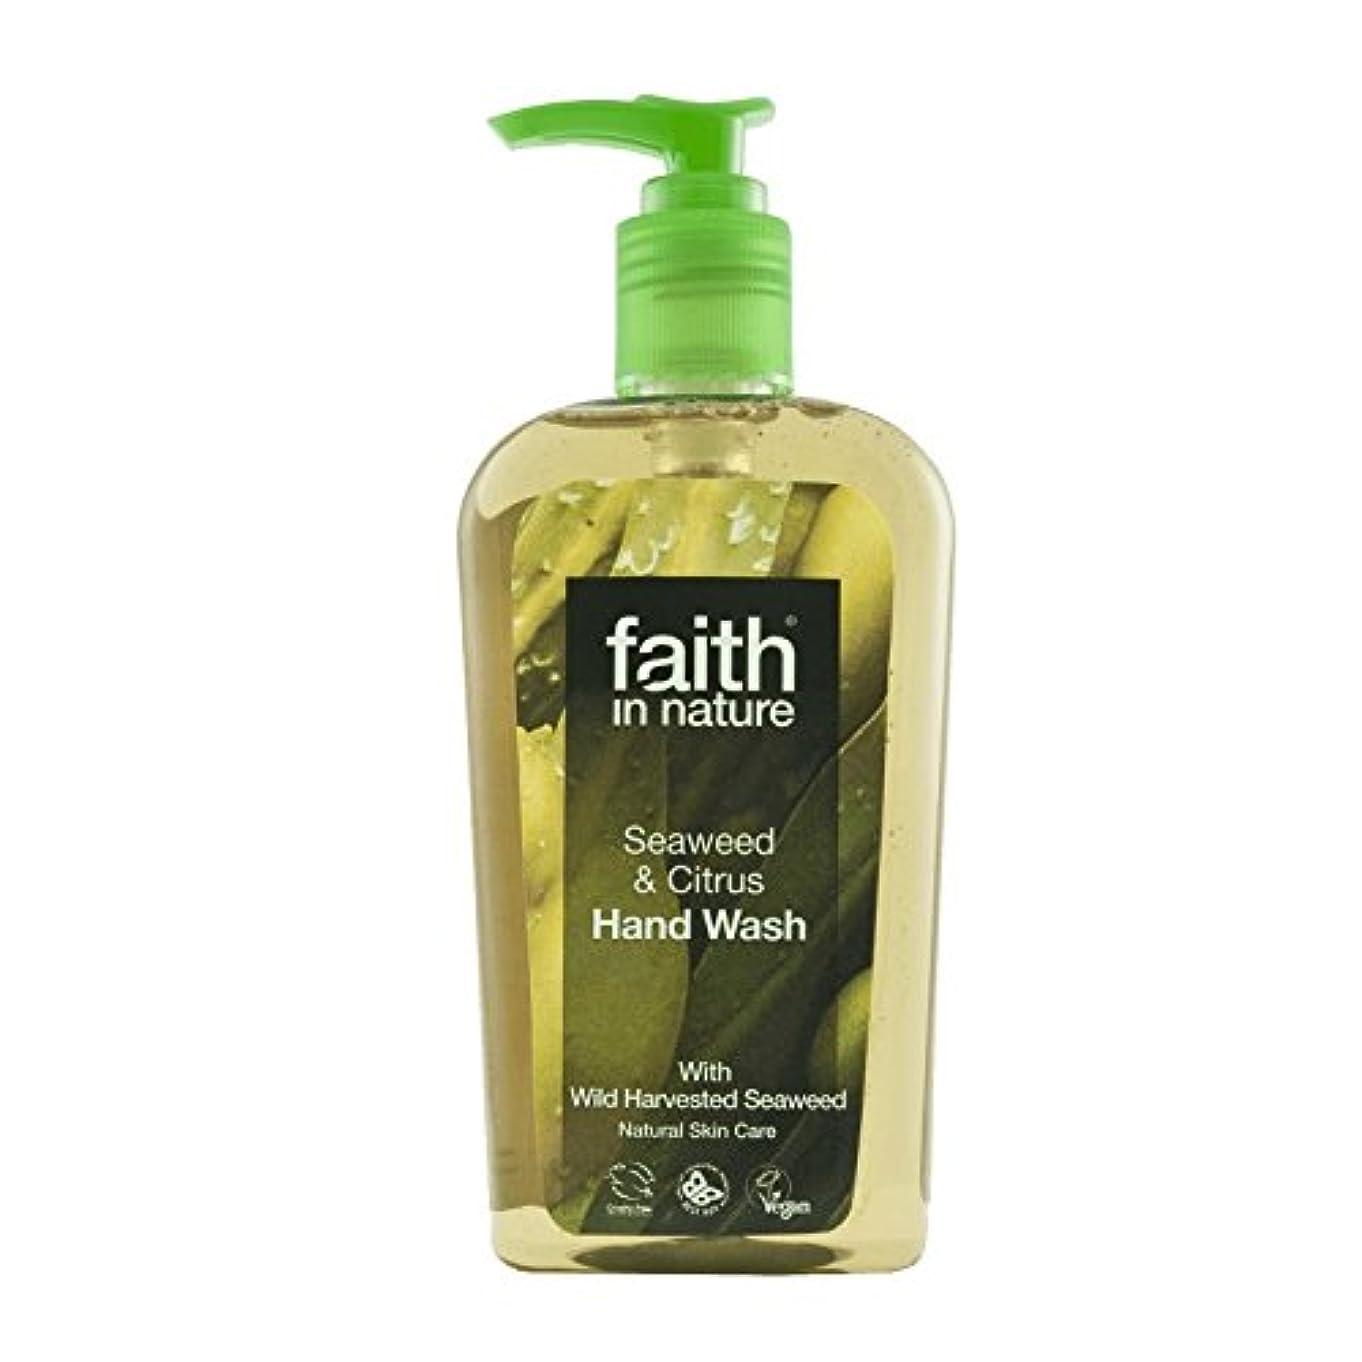 受付浮く欠かせない自然海藻手洗いの300ミリリットルの信仰 - Faith In Nature Seaweed Handwash 300ml (Faith in Nature) [並行輸入品]